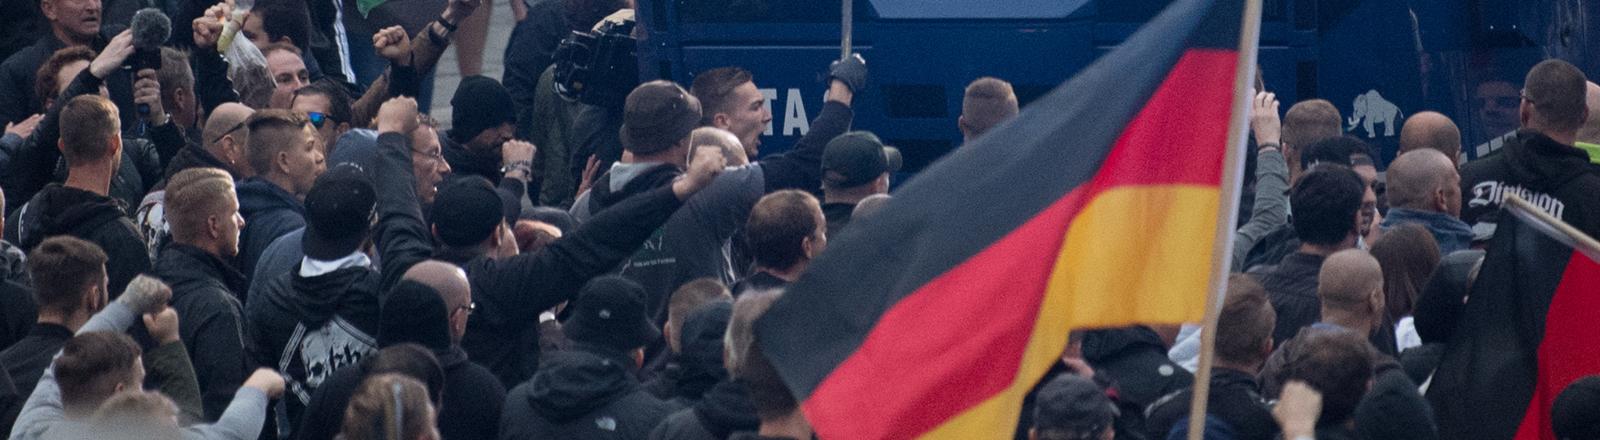 Proteste am 1.9.2018 in Chemnitz, an denen sich auch Neonazis und Hooligans beteiligt hatten.